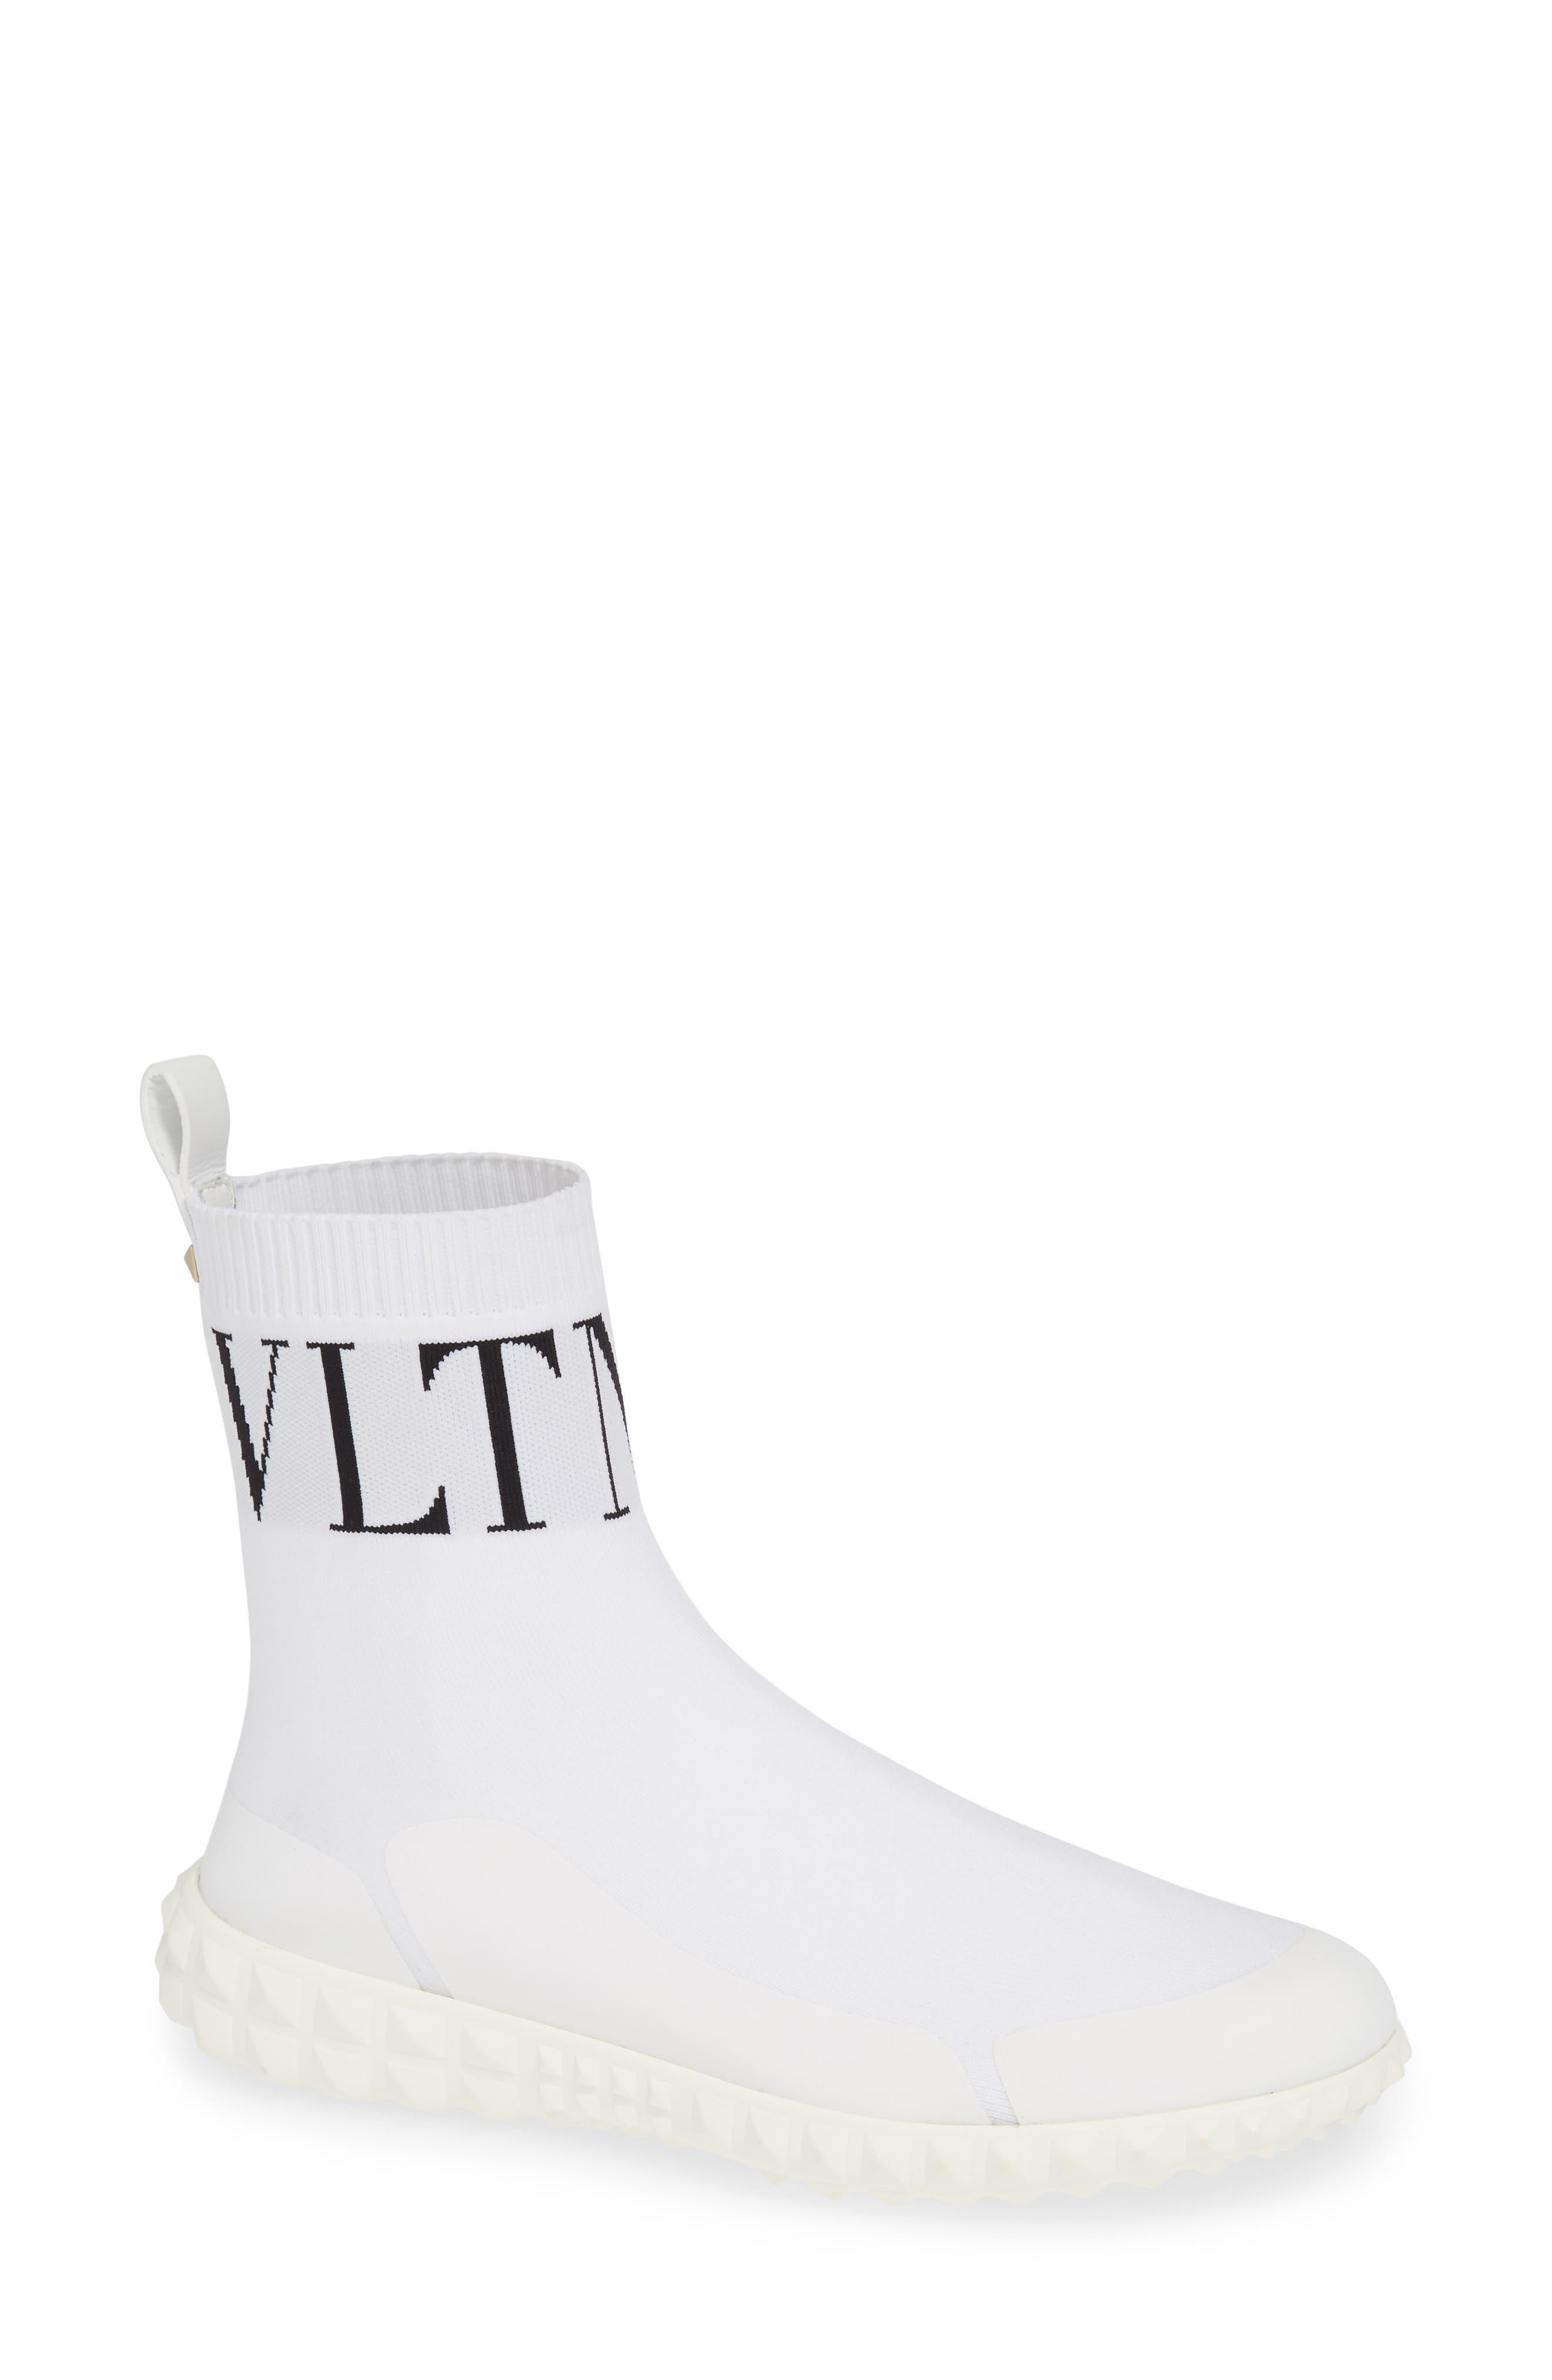 VALENTINO GARAVANI, VLTN Slip-On Sock Sneaker, Main thumbnail 1, color, WHITE